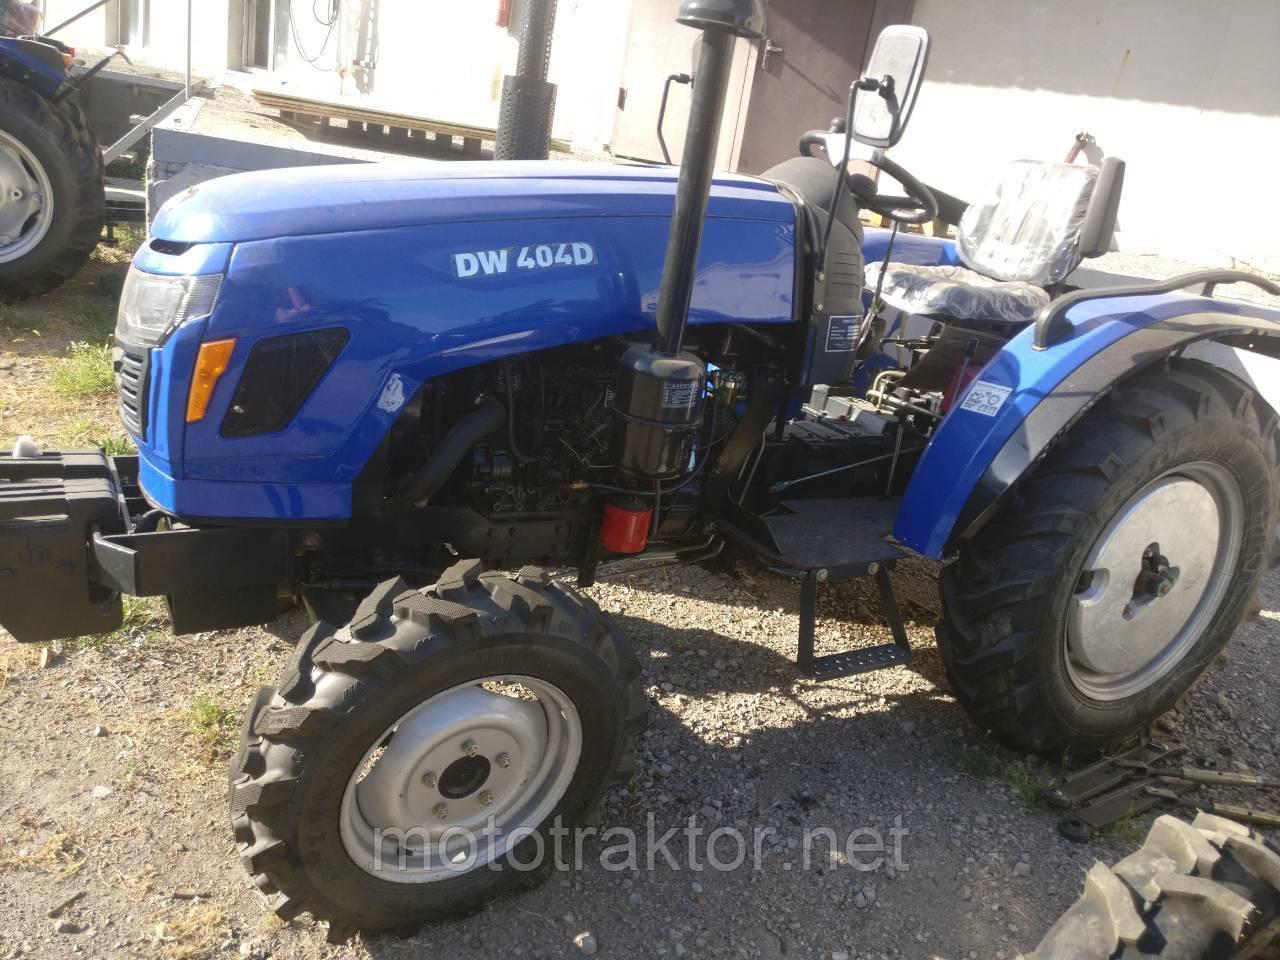 Трактор с доставкой DW 404D (4х4, Гидроусилитель руля, доставка)